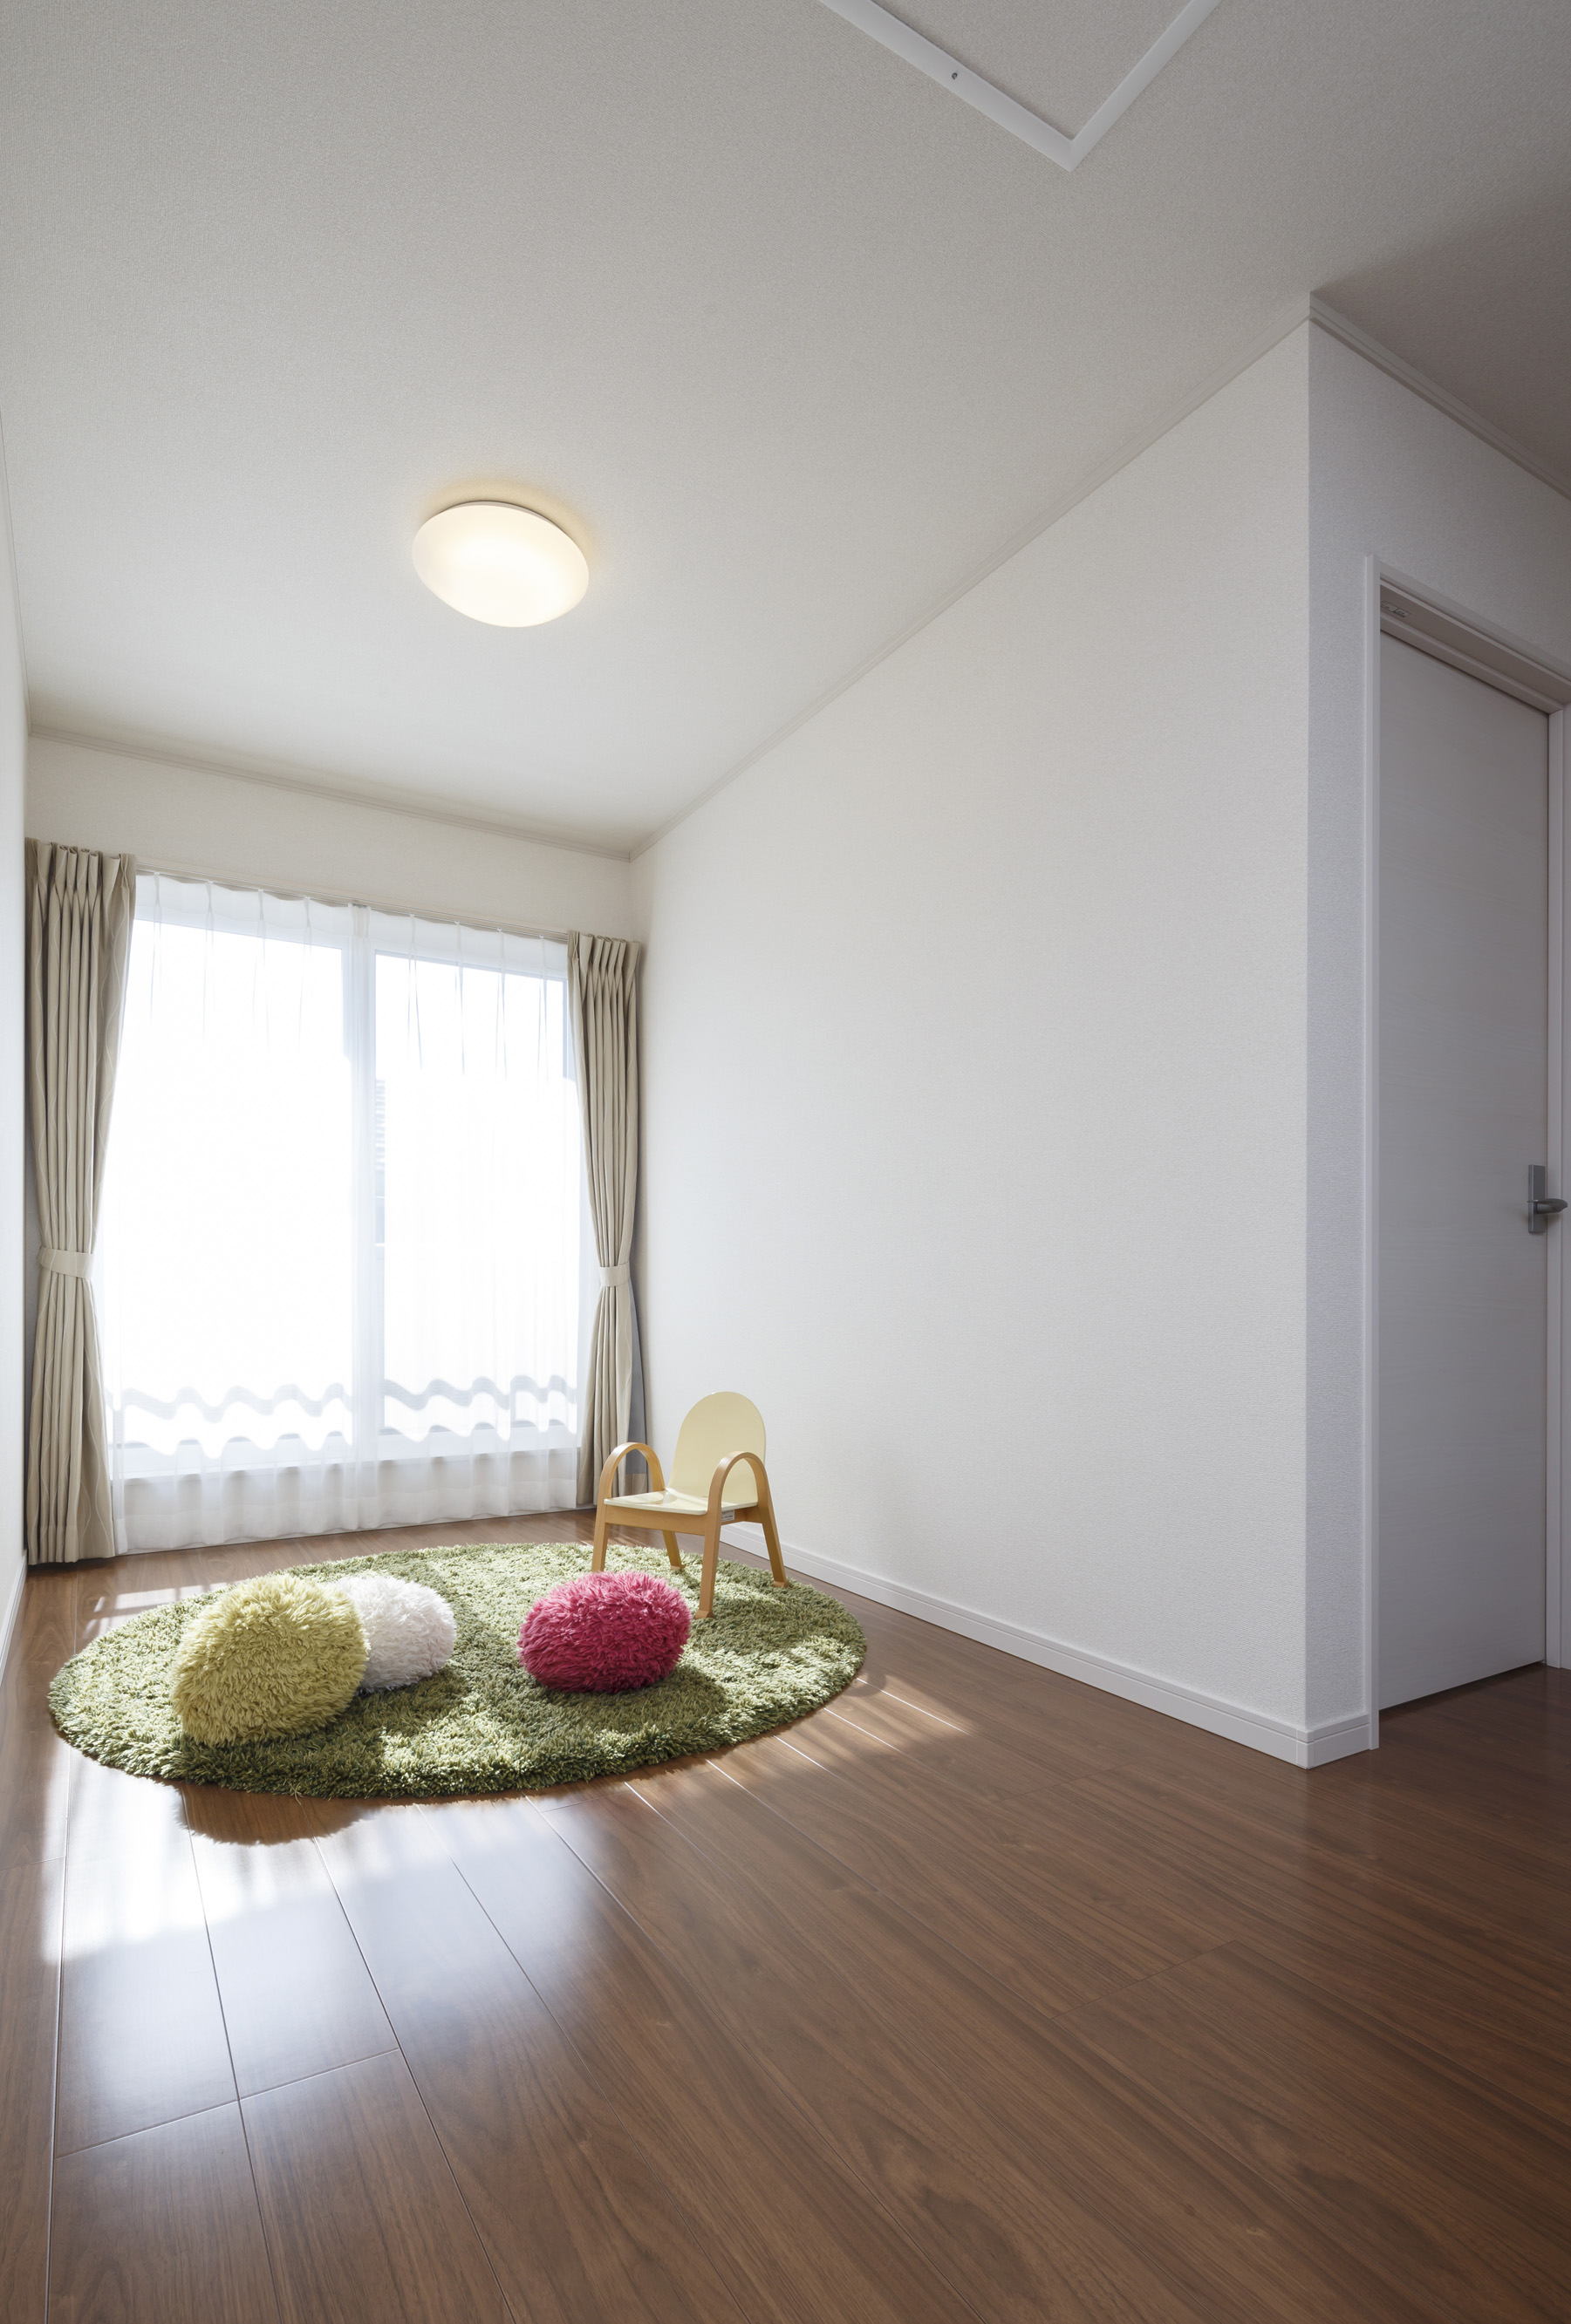 朝日住宅【収納力、省エネ、間取り】2階の寝室と子ども室の間にフリースペースを用意。雨の日はここに洗濯物を干せるほか、子どもの遊び場としても便利だ